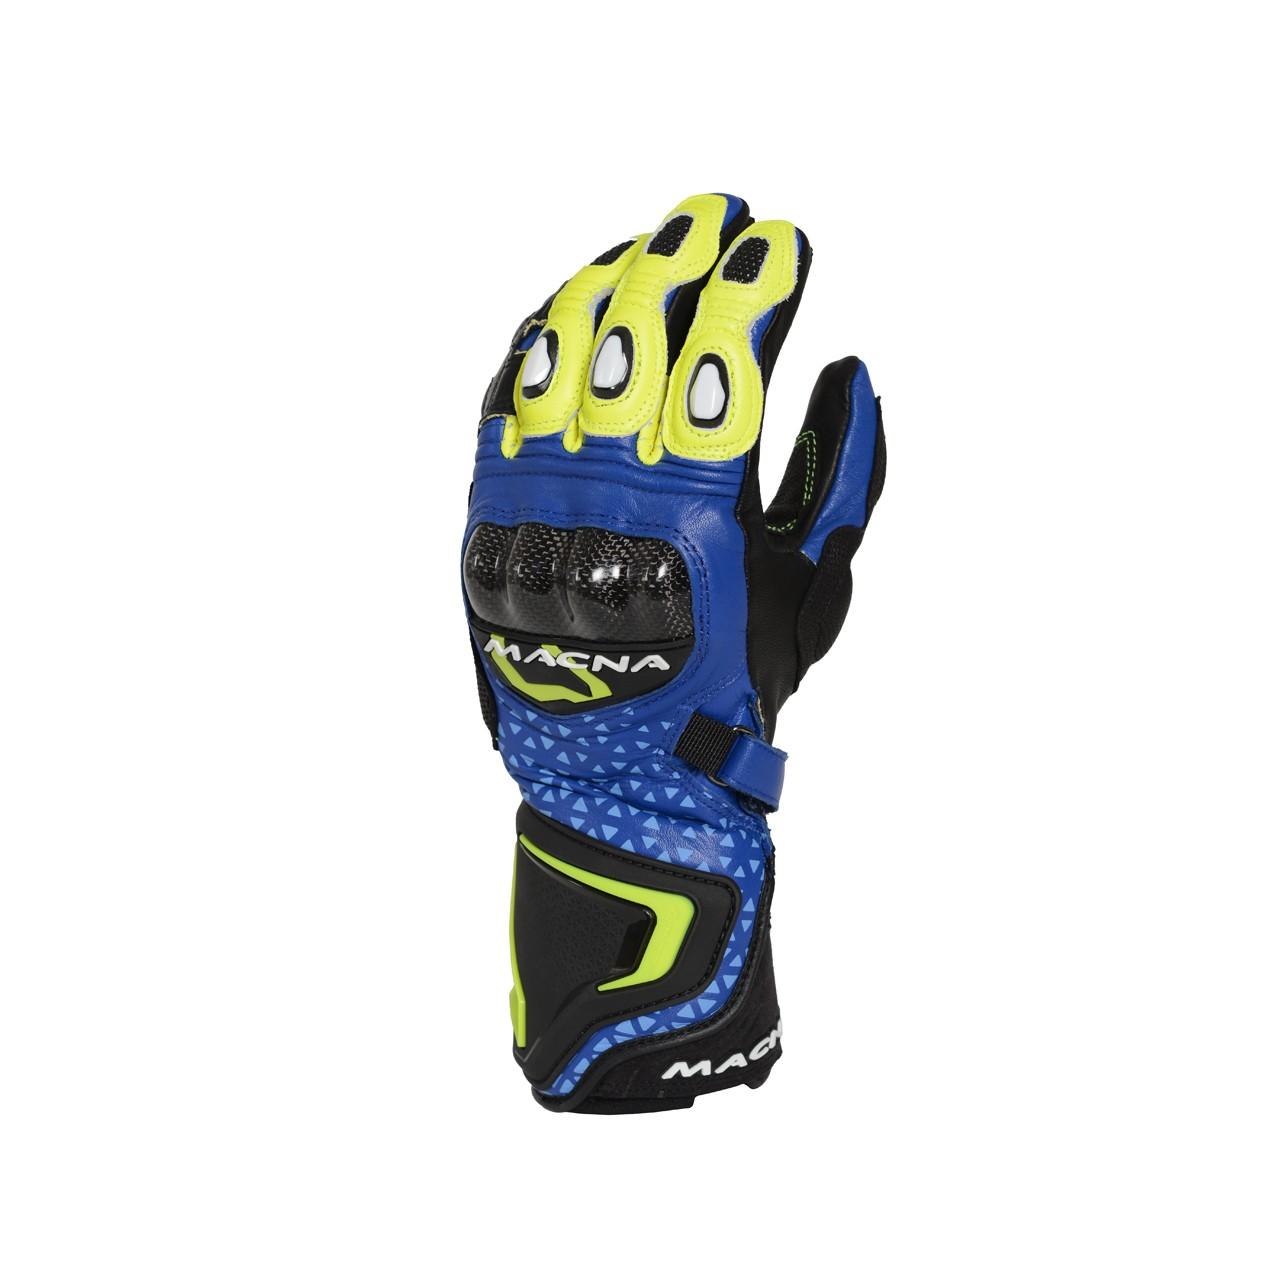 Pirštinės MACNA Track R (Blue/Black/Fluo yellow)